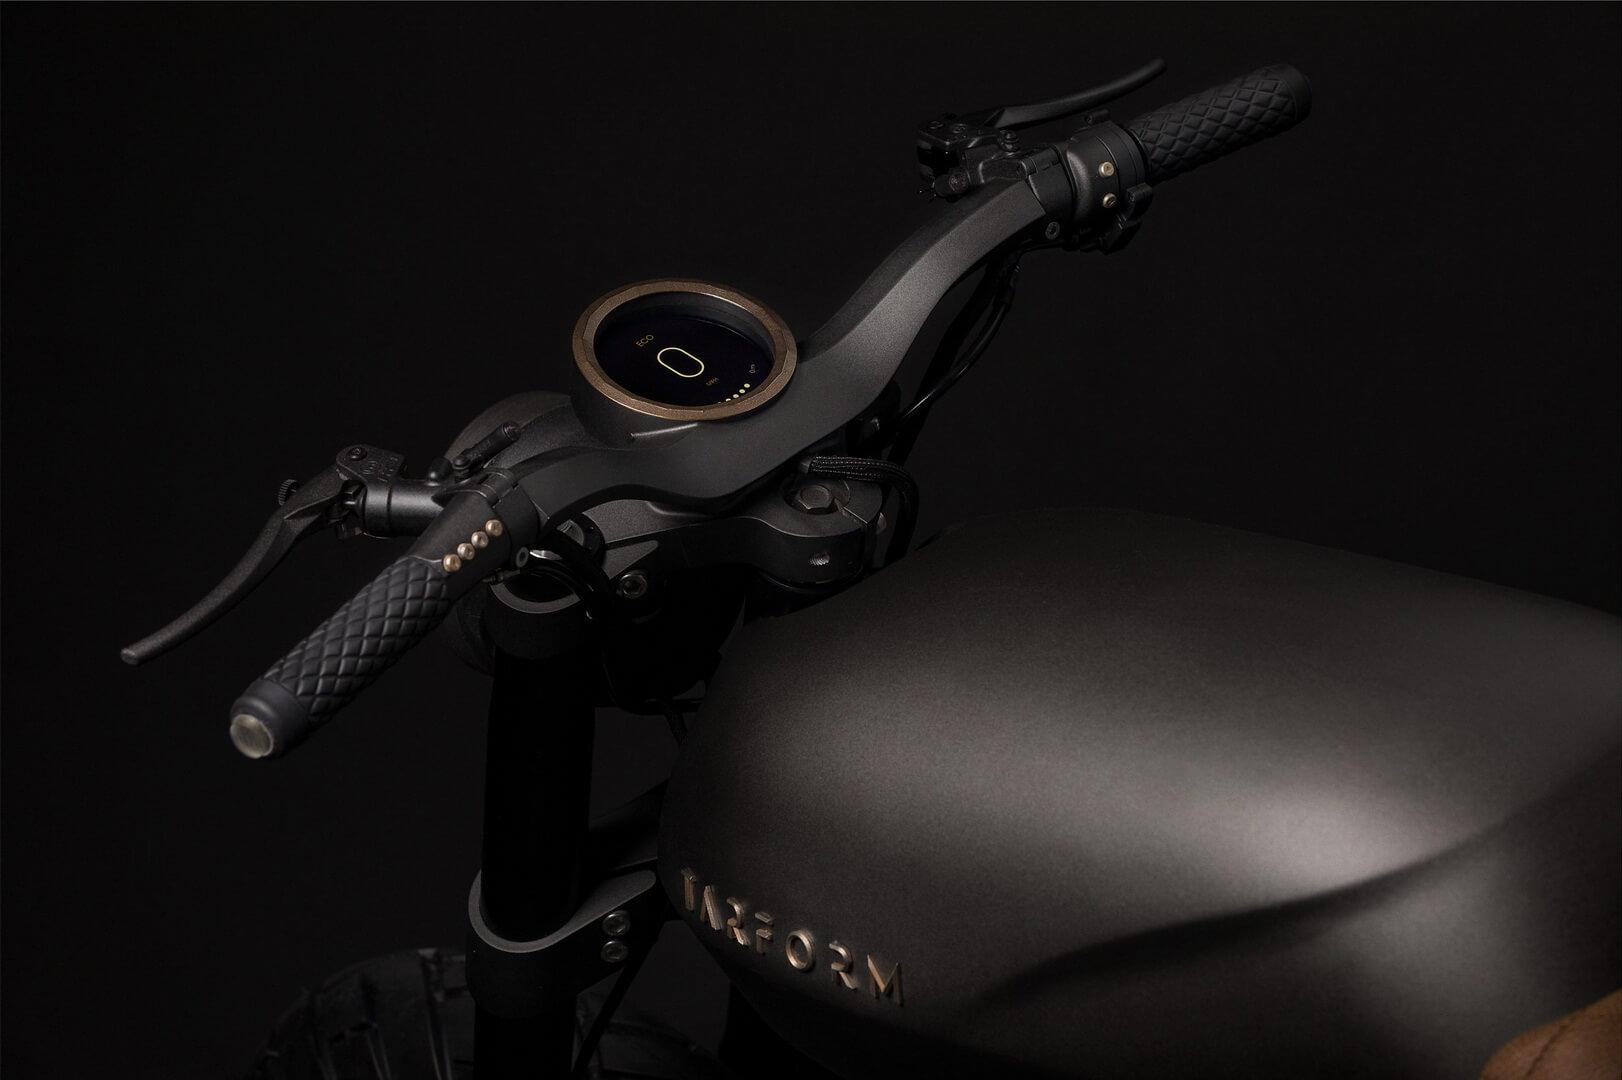 Электрический мотоцикл Tarform - руль и цифровой дисплей